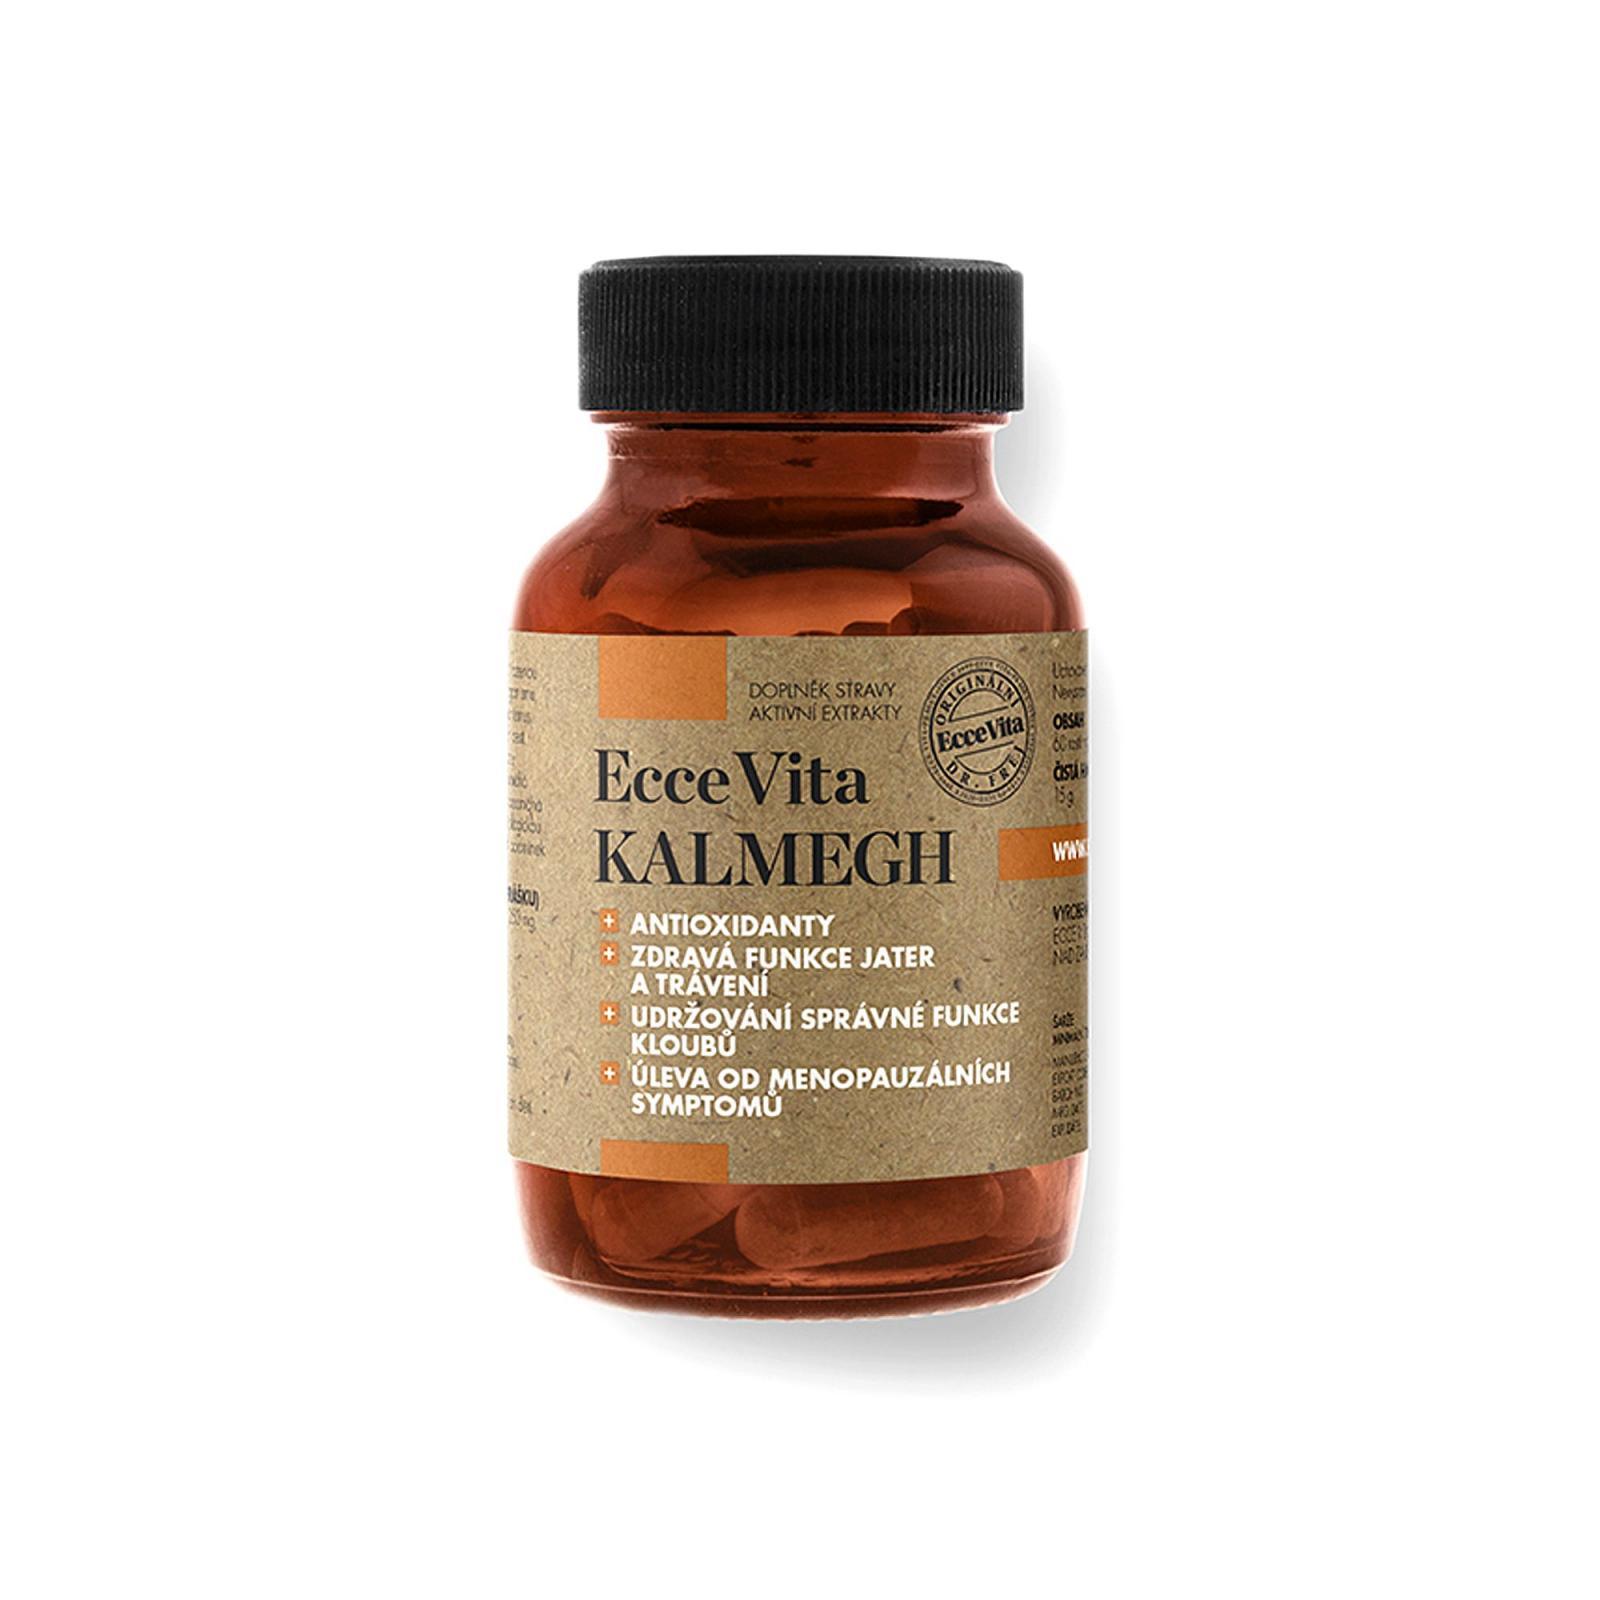 Ecce Vita Kalmegh, kapsle 60 ks, 15 g